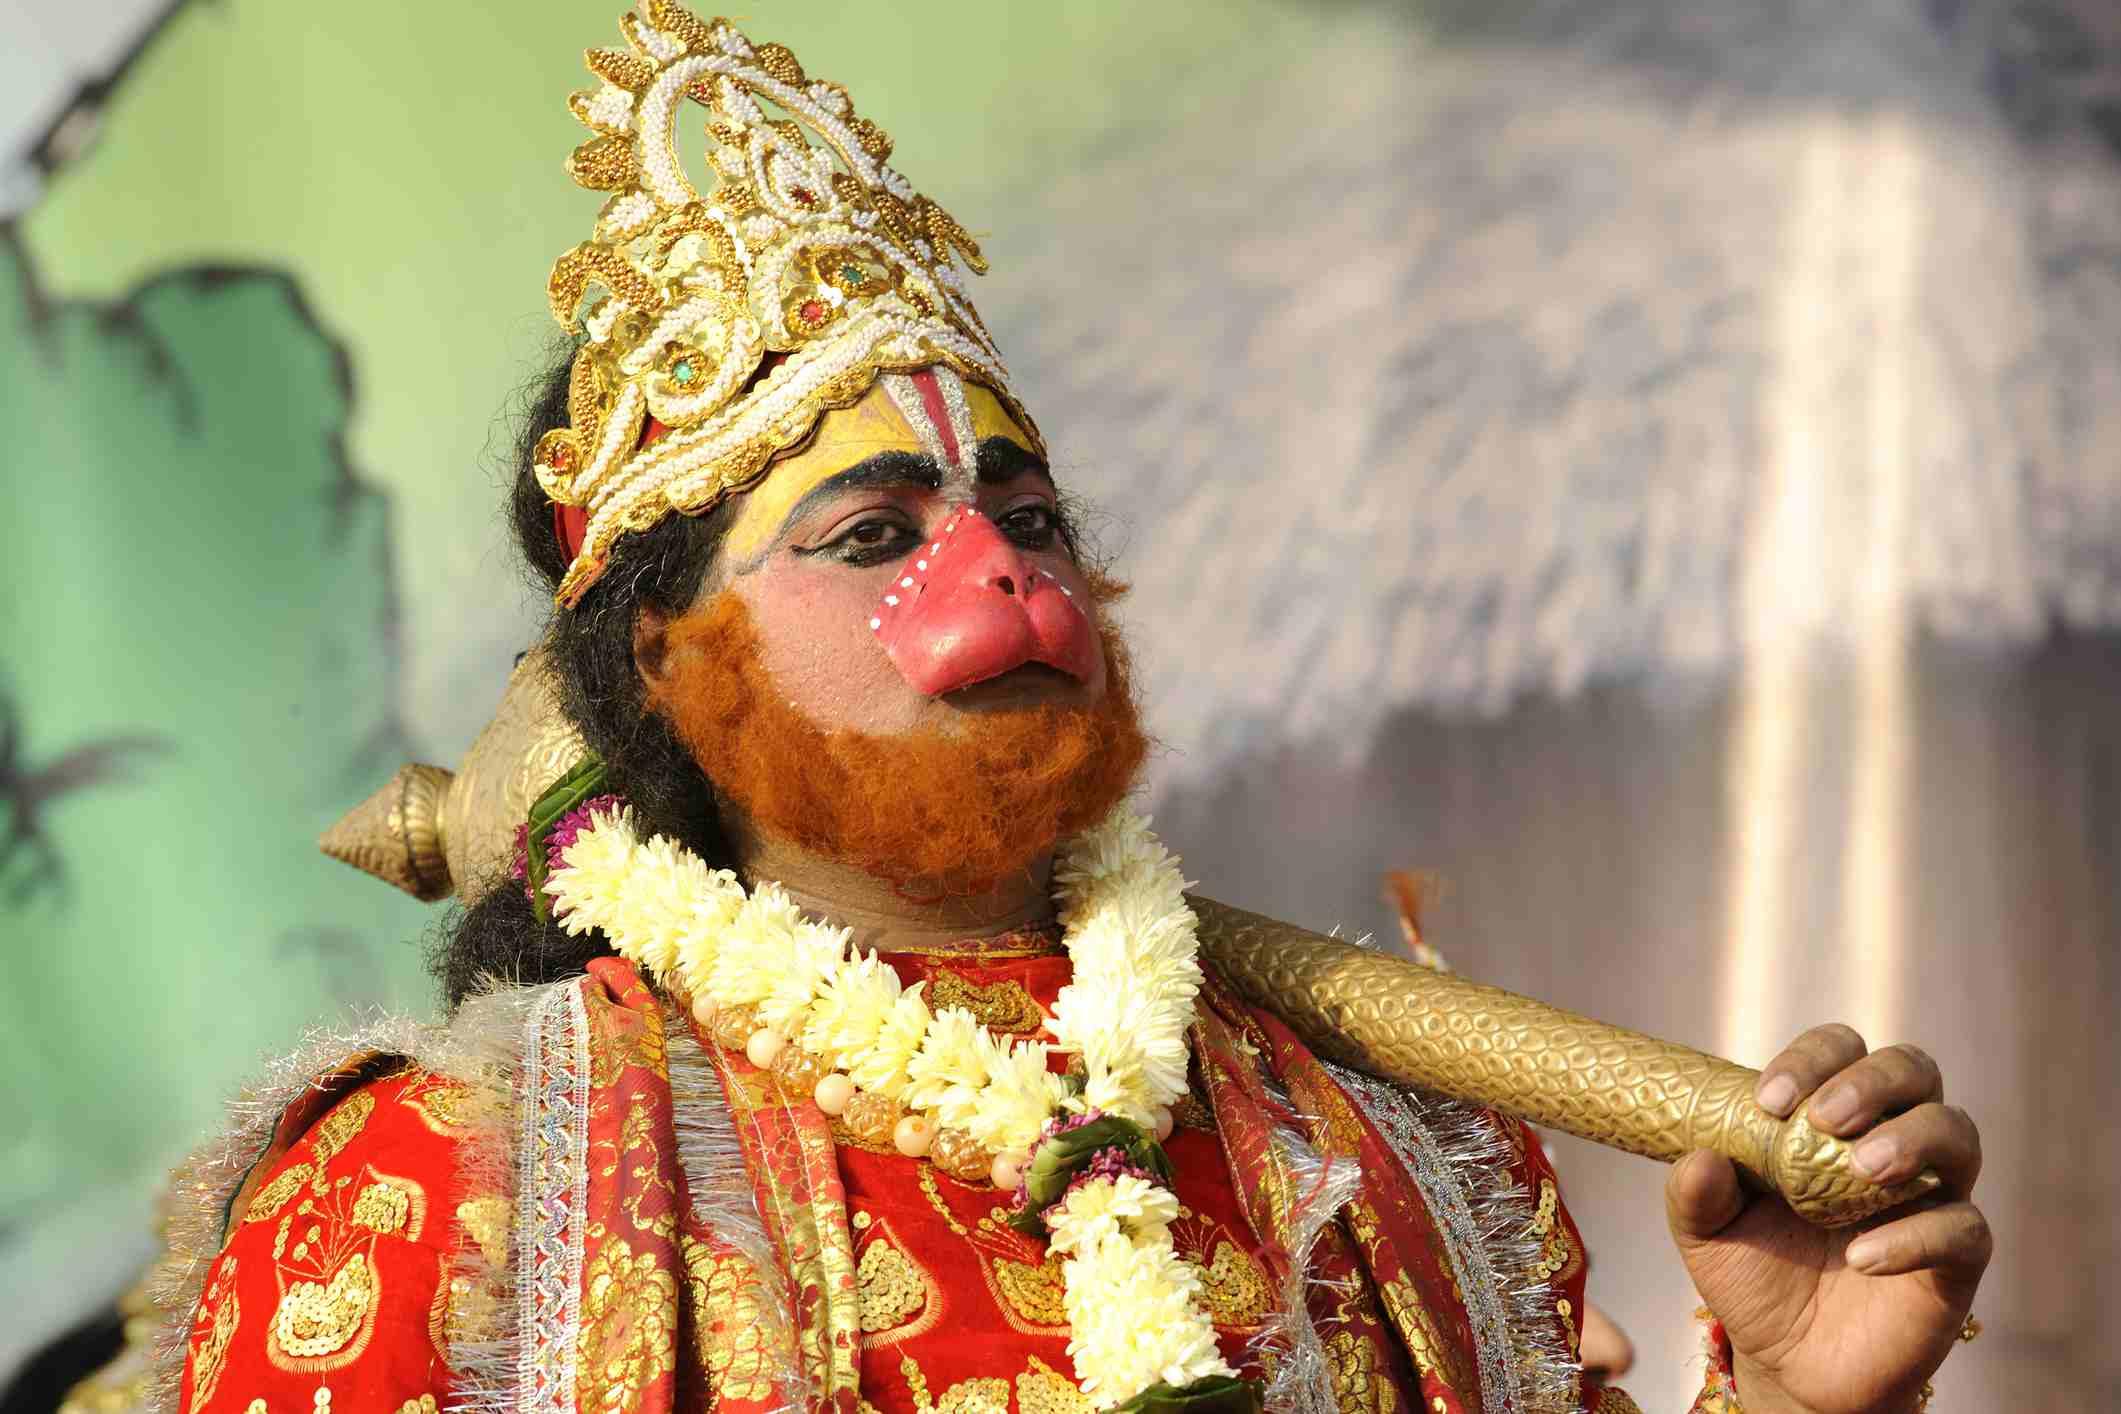 Lord Hanuman in Ramlila play.